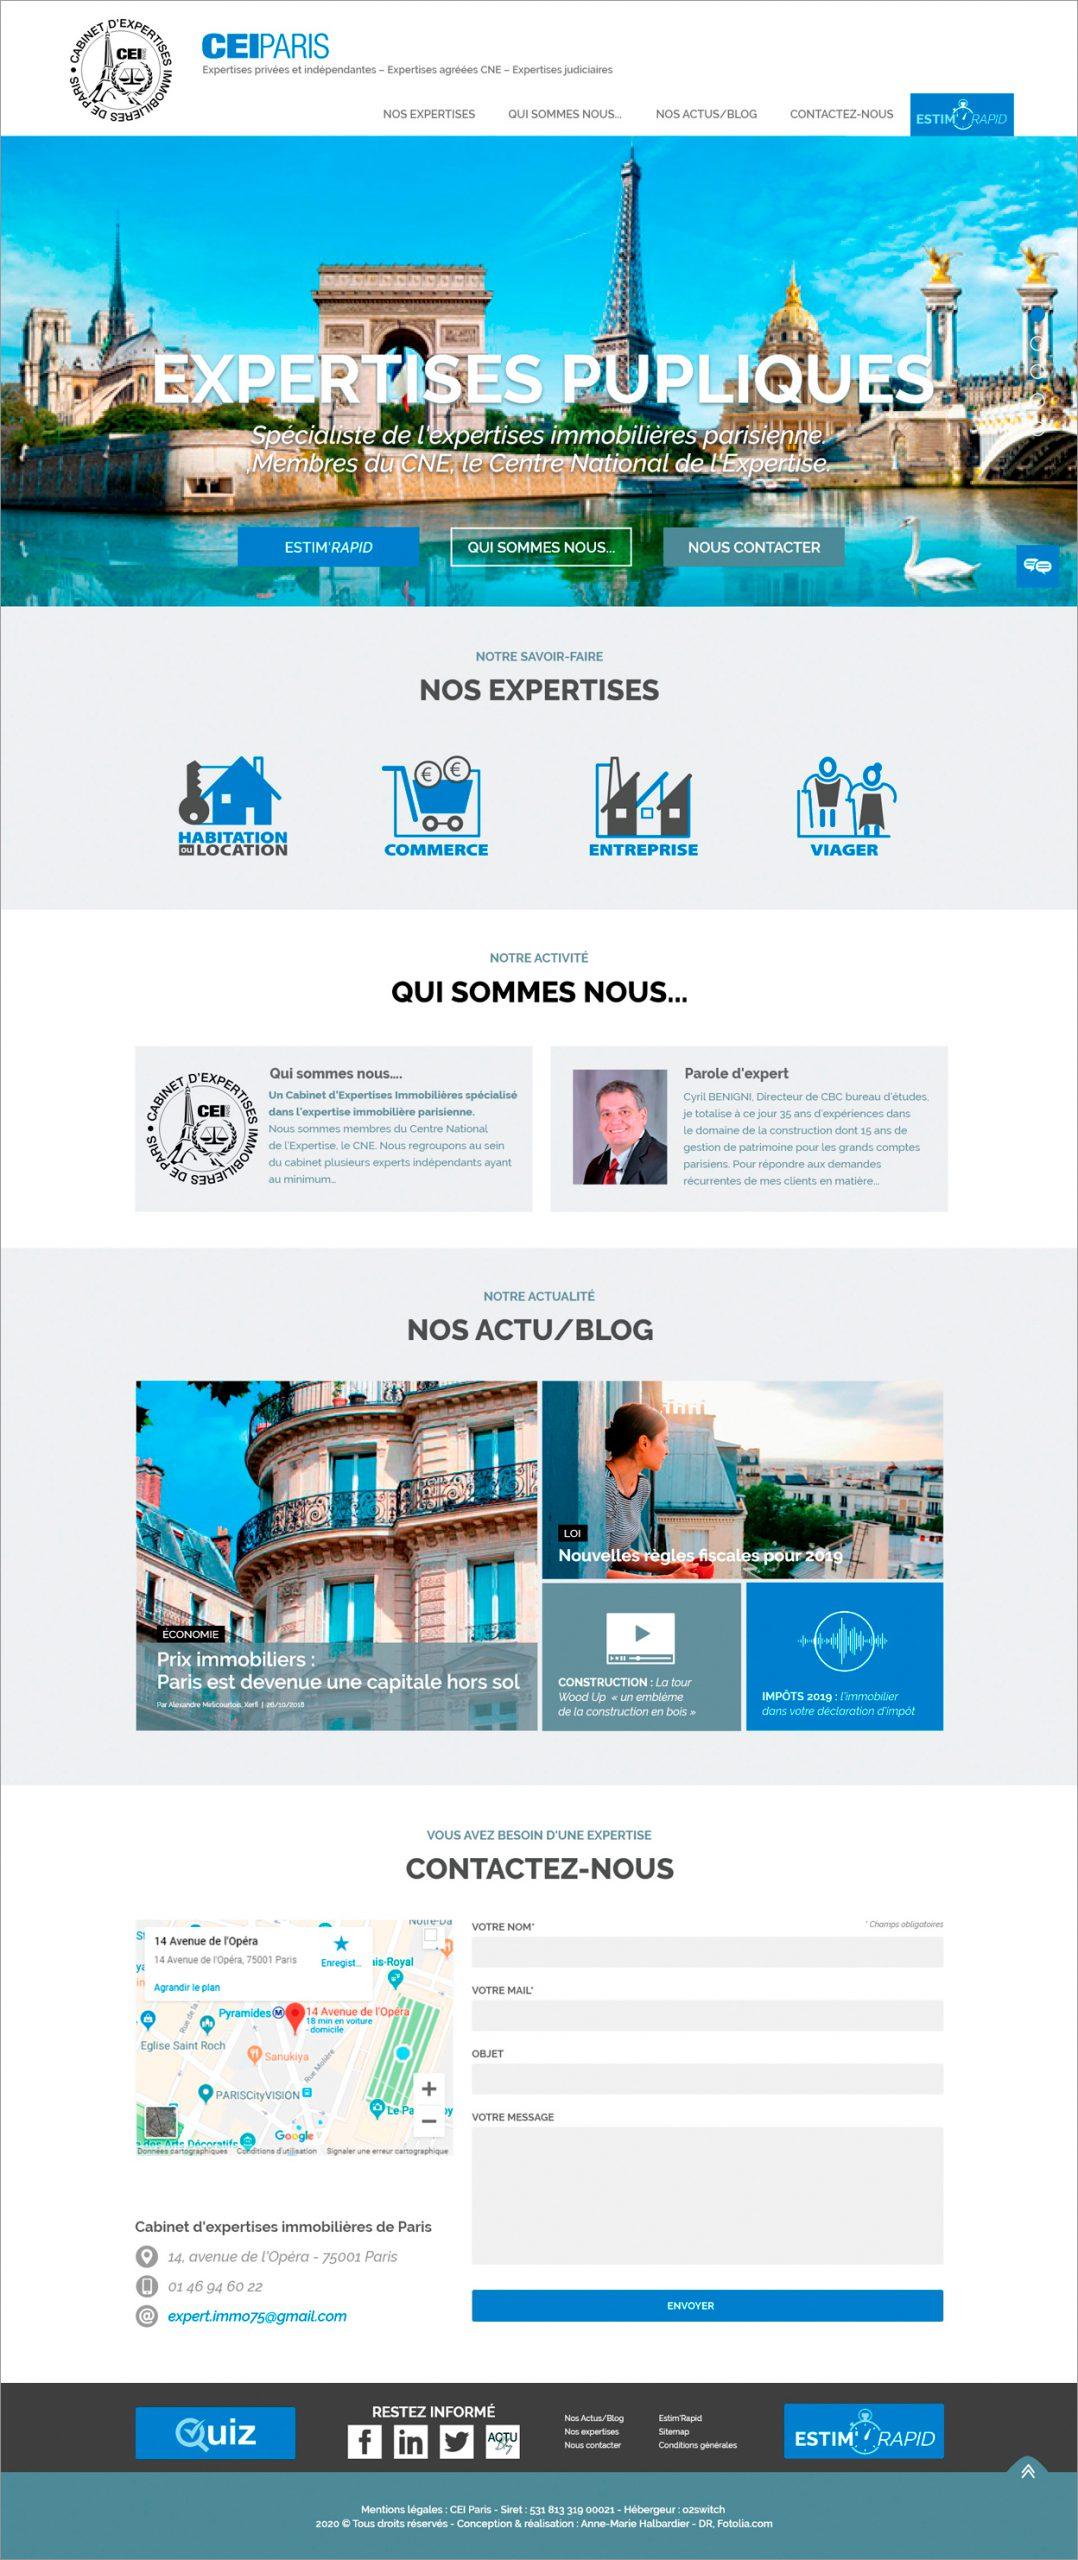 CEI PARIS version ordinateur du site. Page d'accueil